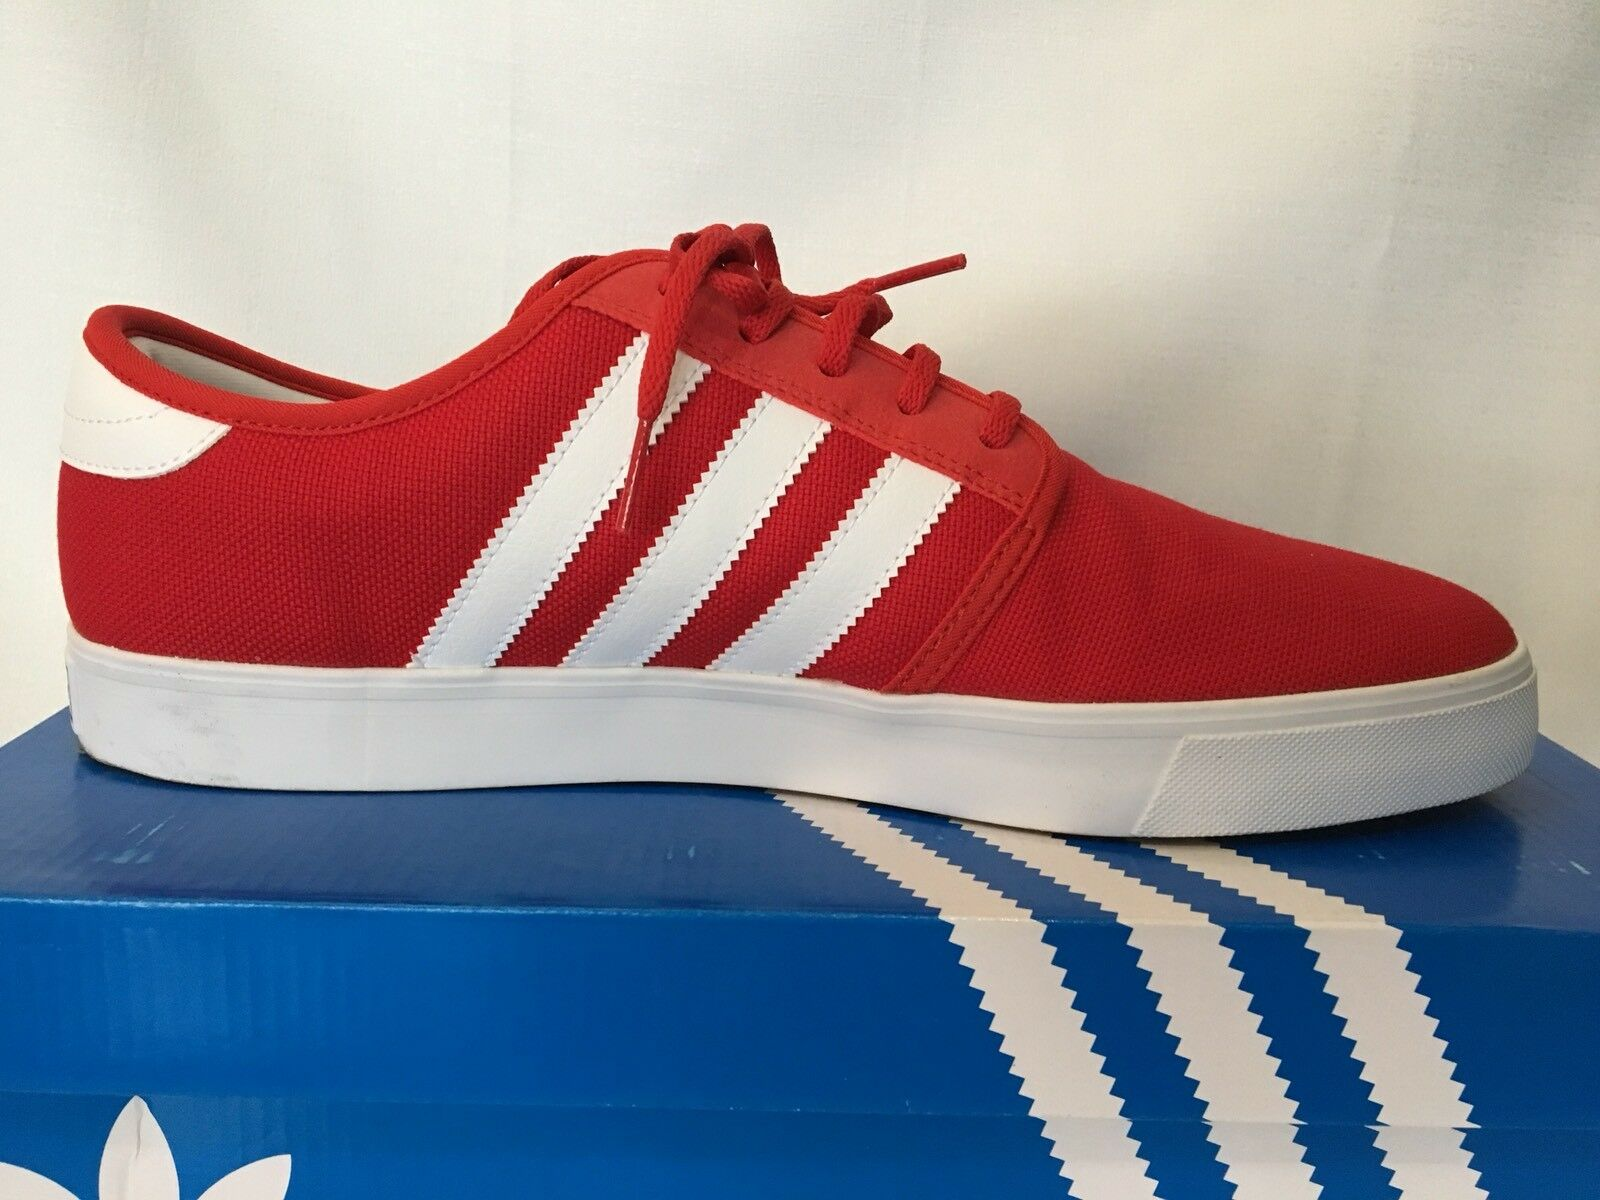 Adidas uomini seeley rosso / bianco con lo skateboard tennis classico scarpe taglia 12